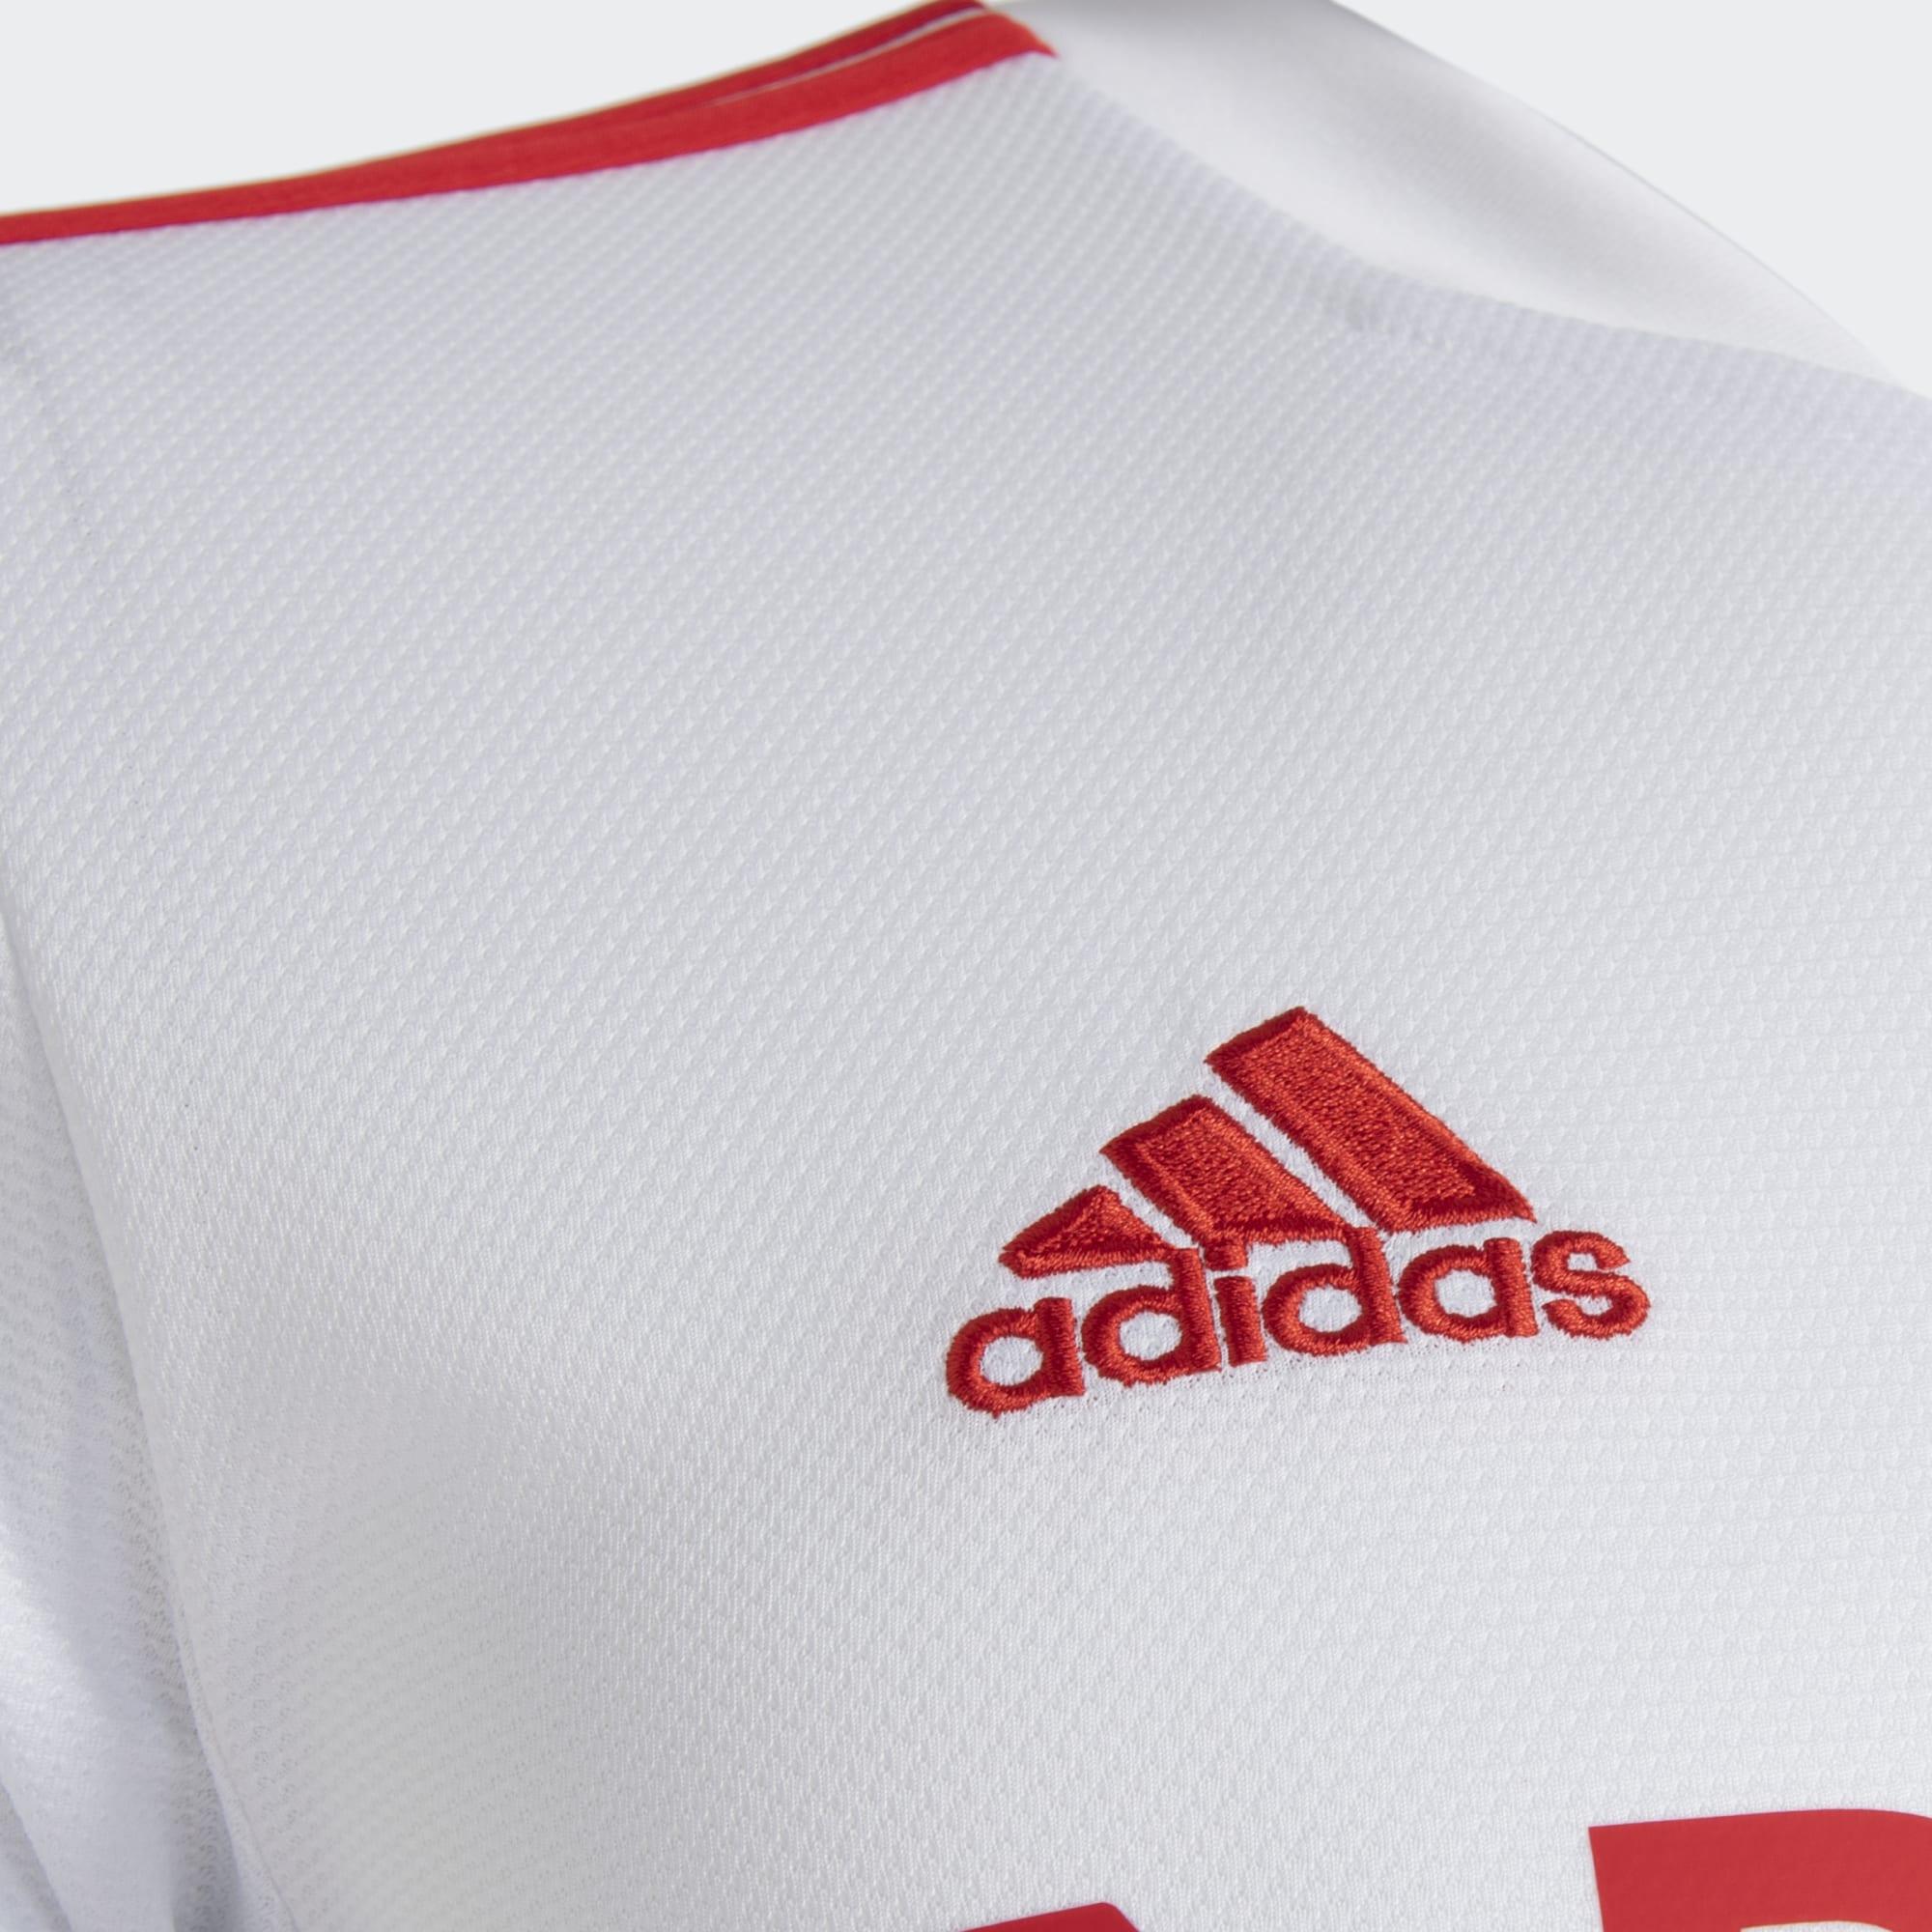 SC Internacional 2021-22 Adidas Away Shirt   21/22 Kits   Football ...